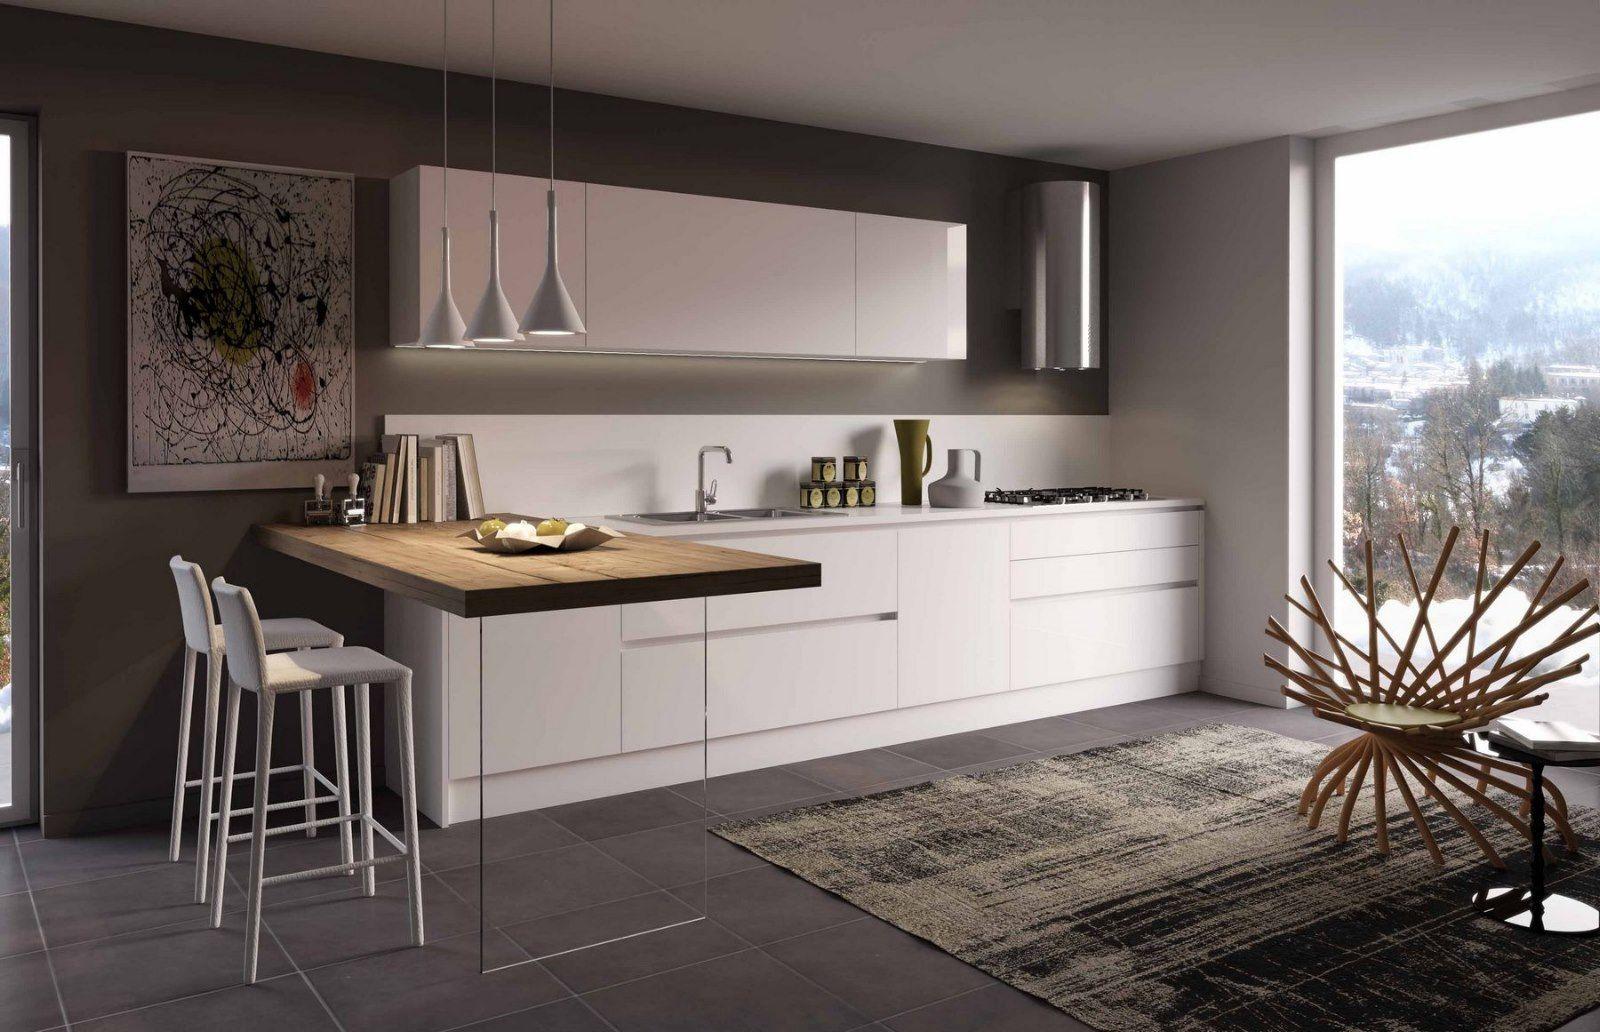 Le Cucine Collezione La Casa Moderna - Mariotti Casa